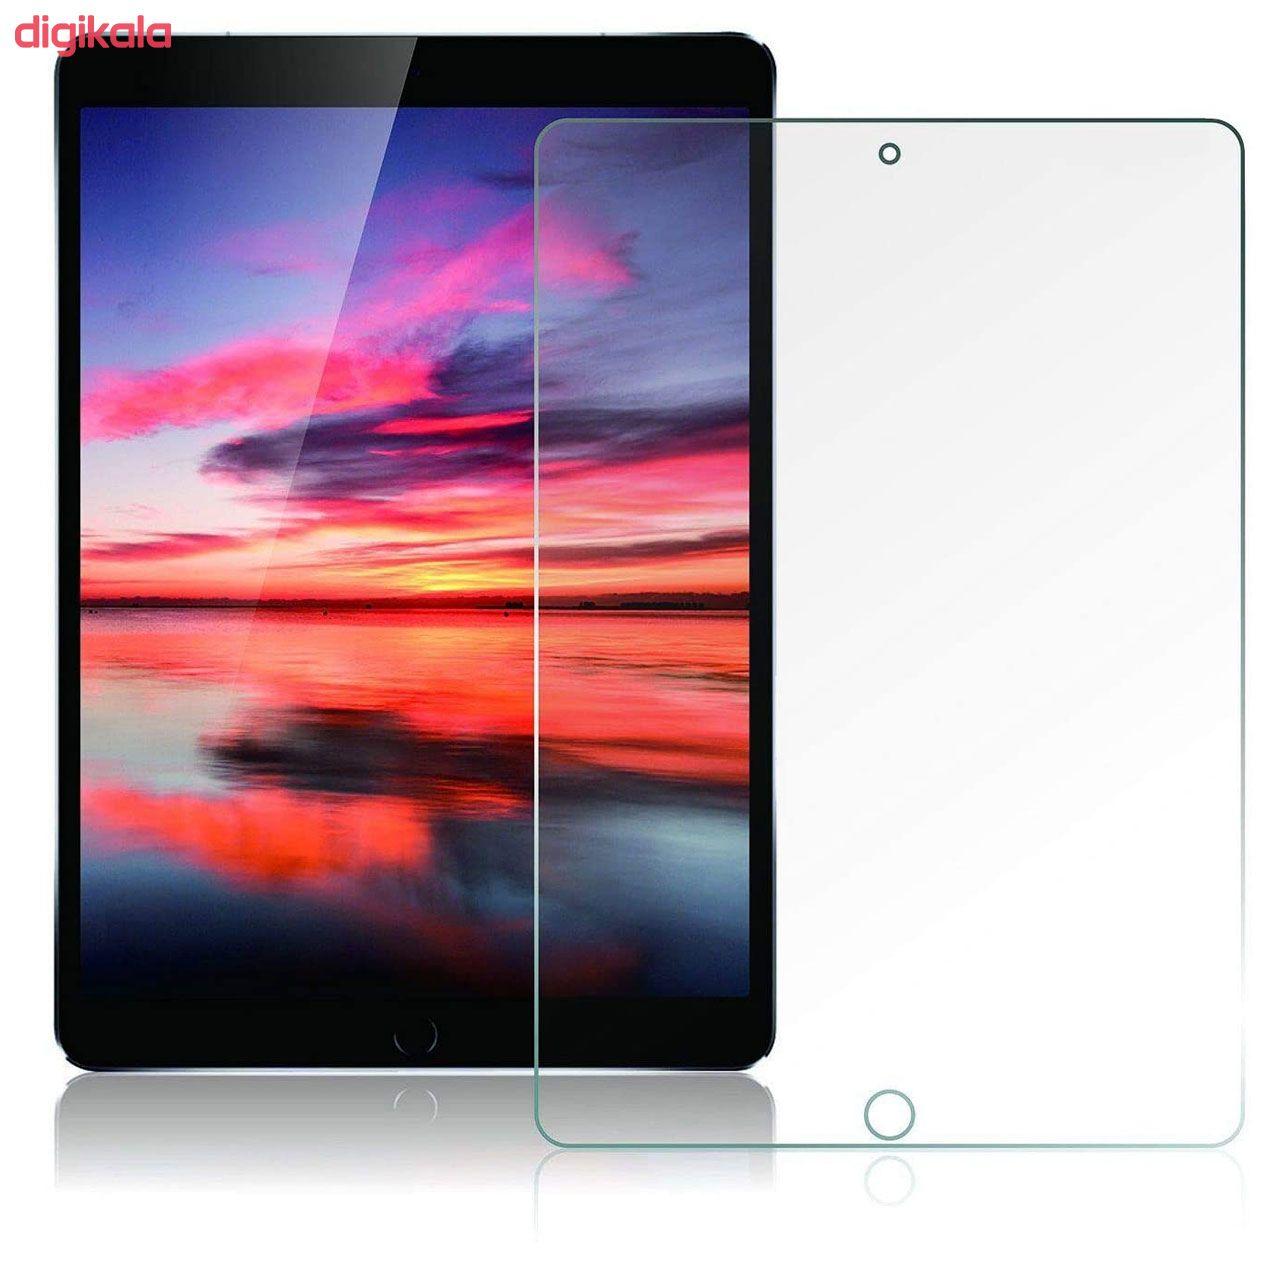 محافظ صفحه نمایش هورس مدل UCC مناسب برای تبلت اپل iPad 9.7 2018  main 1 5